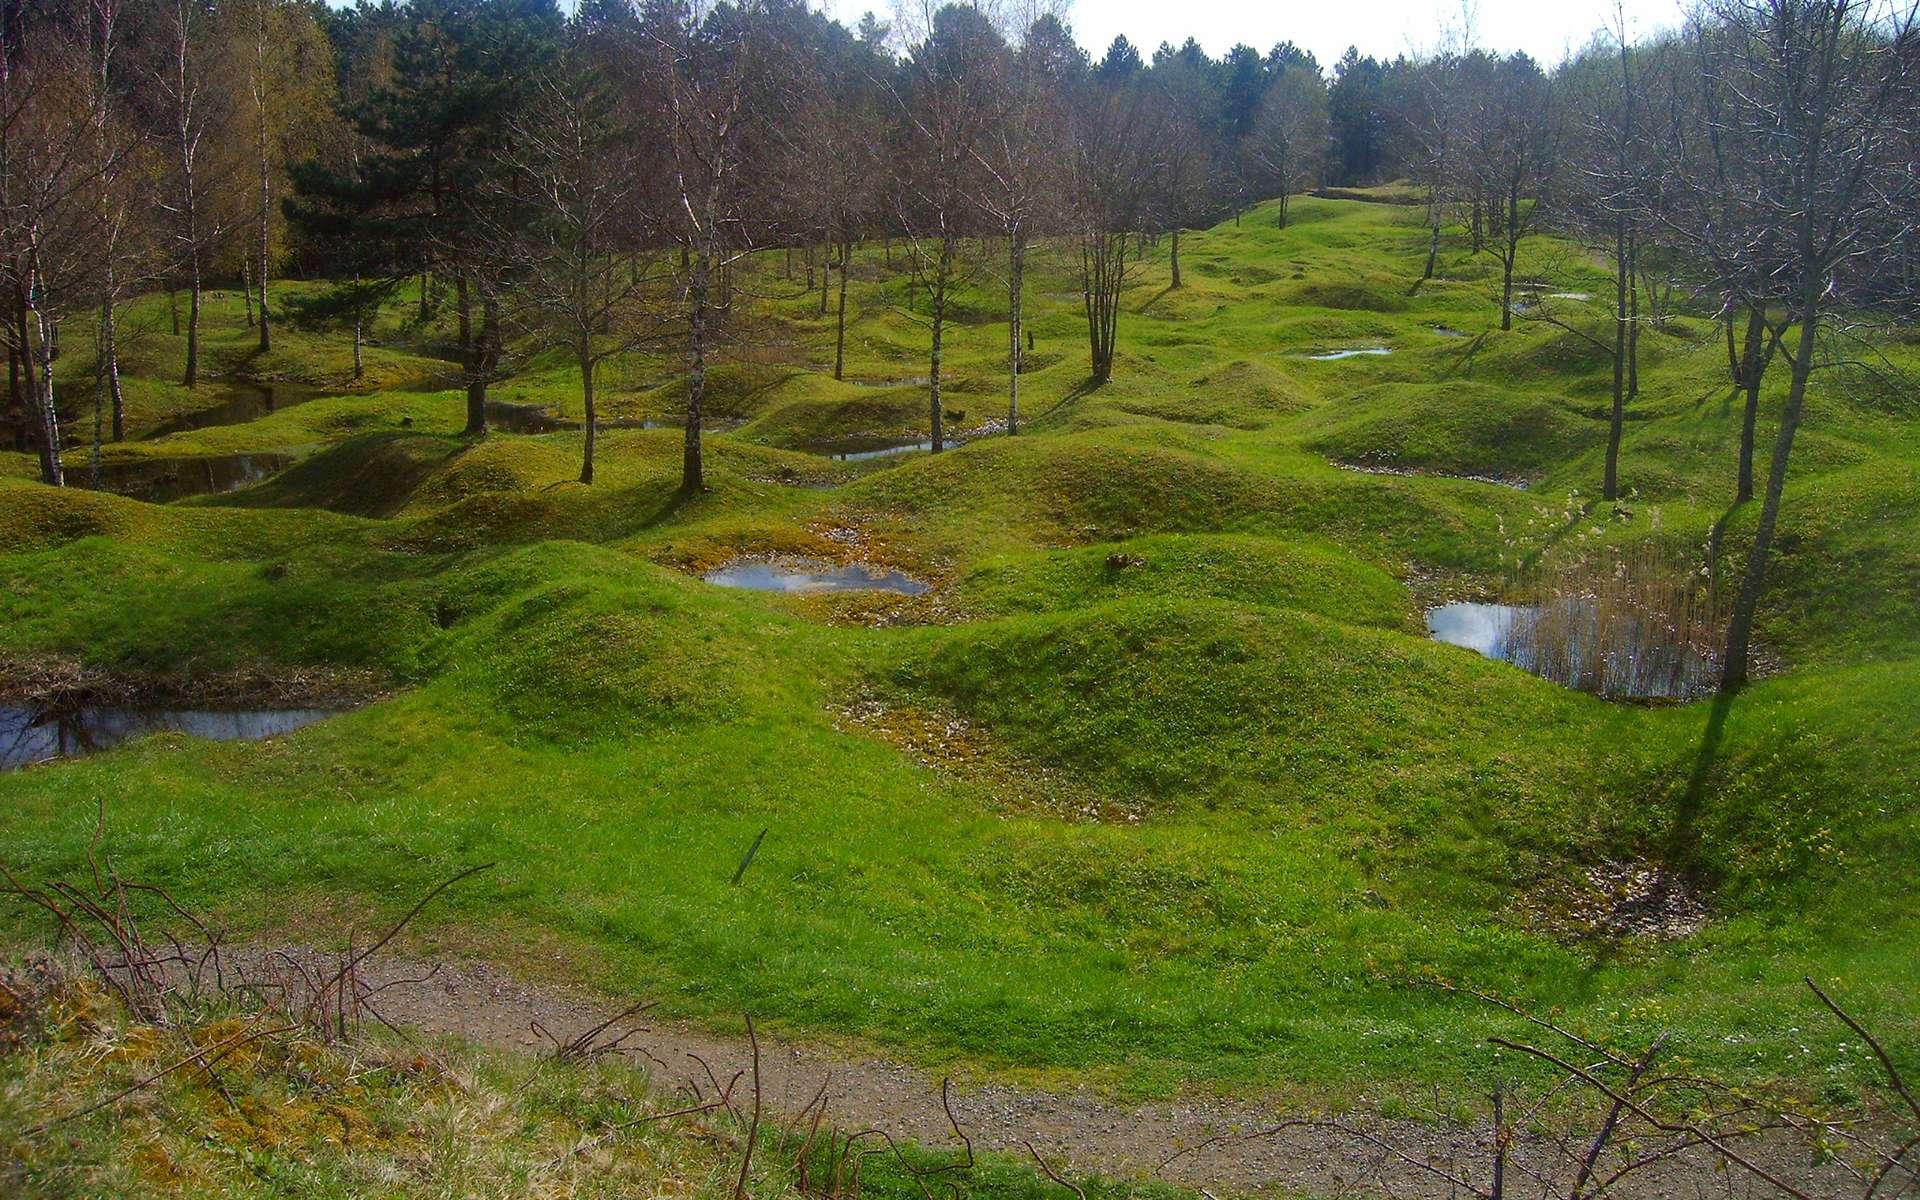 La bataille de Verdun en 1916 a laissé des traces encore visibles aujourd'hui. © Œuvre personnelle, Wikimedia Commons, Domaine public